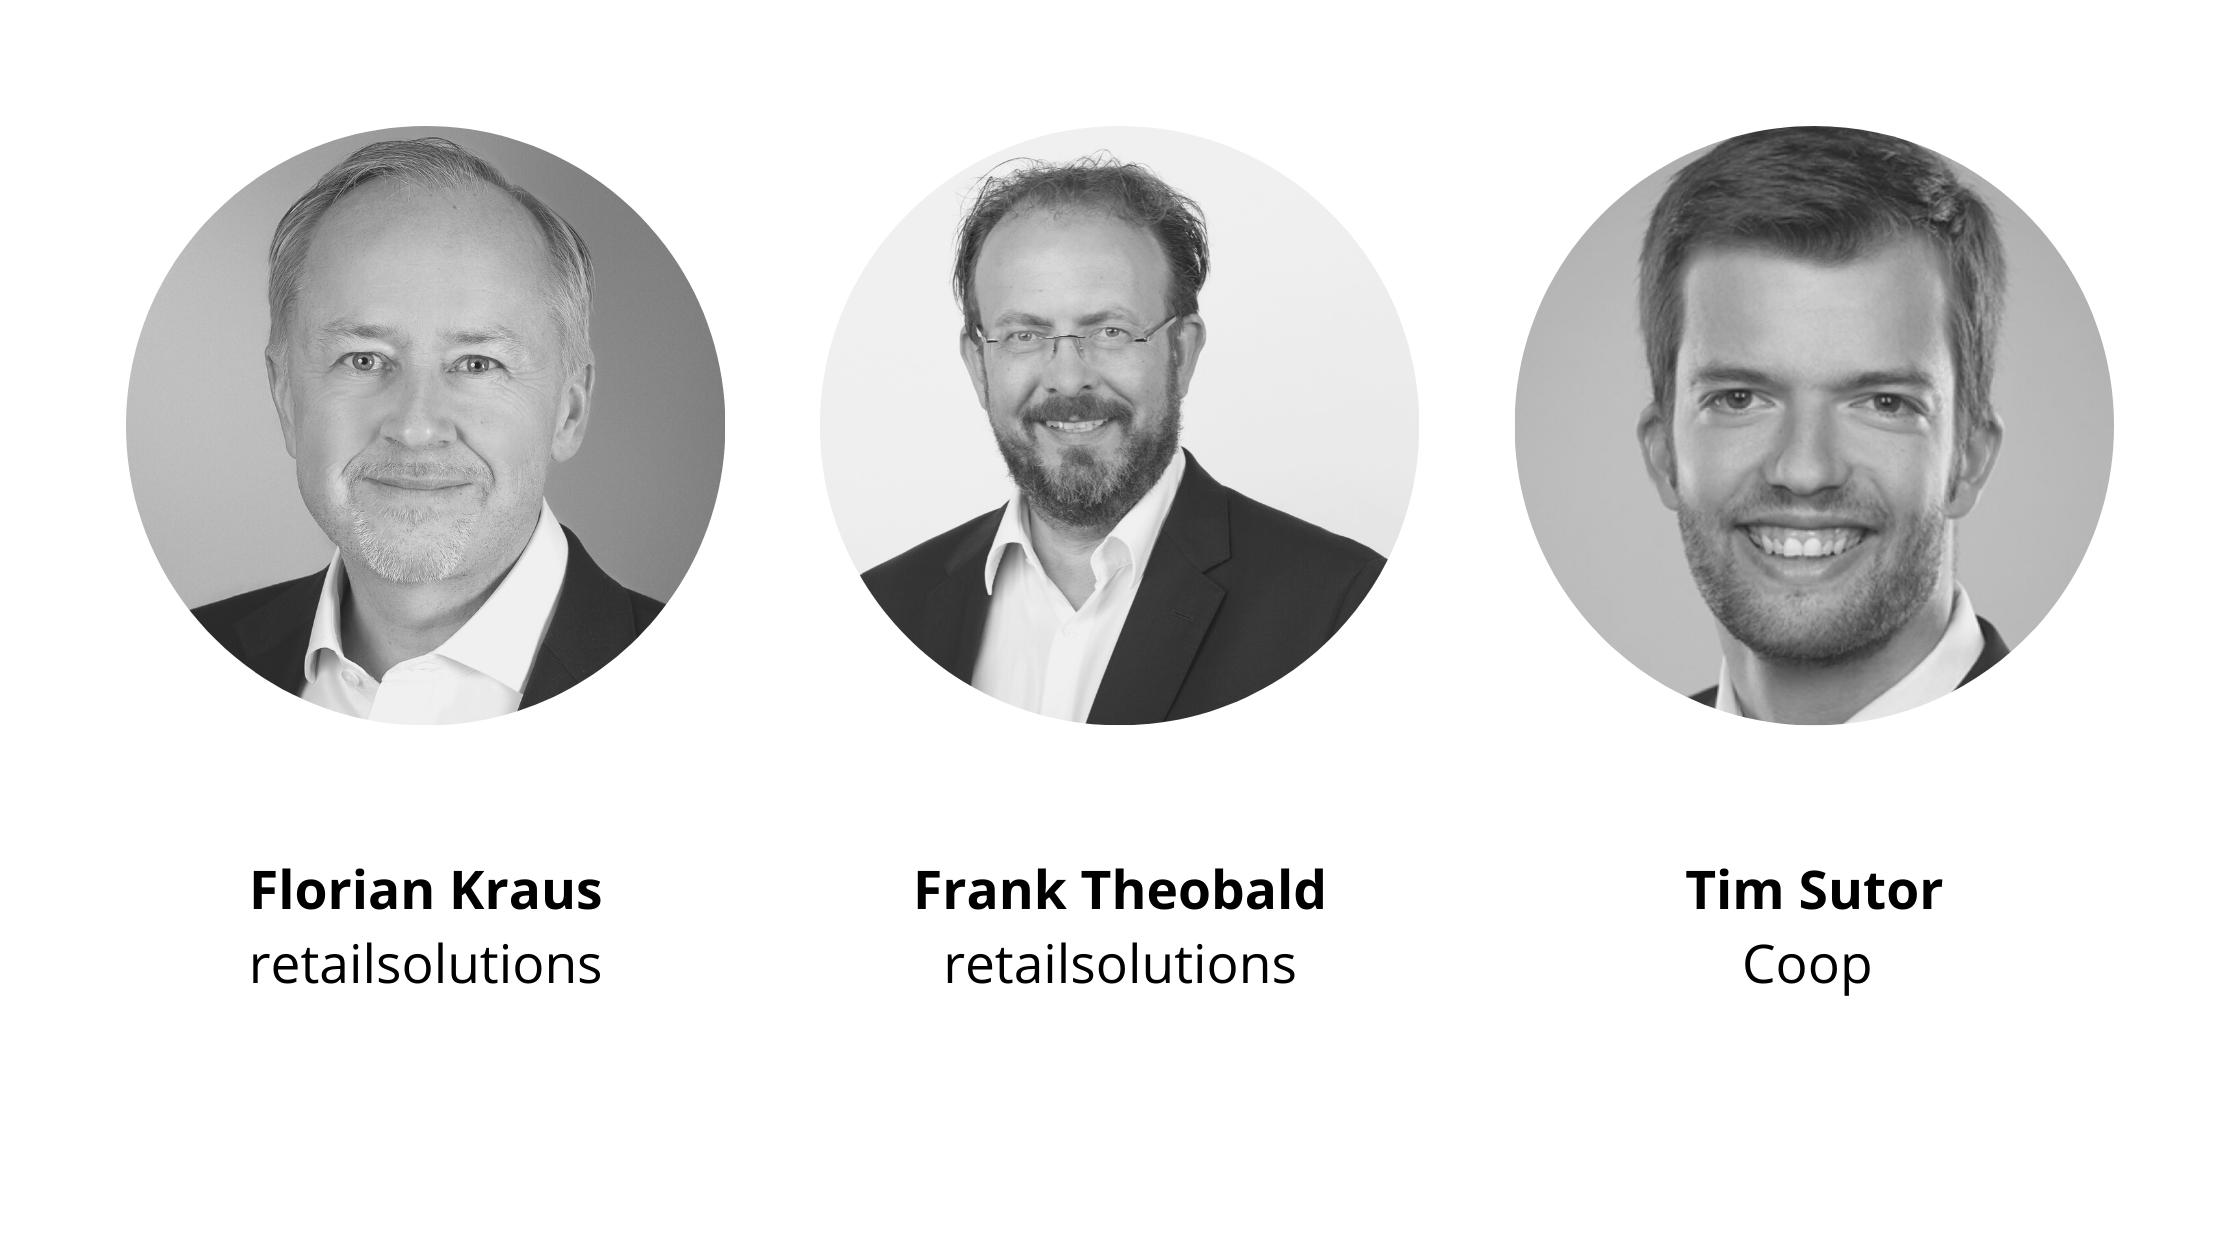 Florian Kraus (retailsolutions), Frank Theobald (retailsolutions) und Tim Sutor (Coop) sind die Speaker der retail salsa zum Thema Predictive Analytics im Einzelhandel.